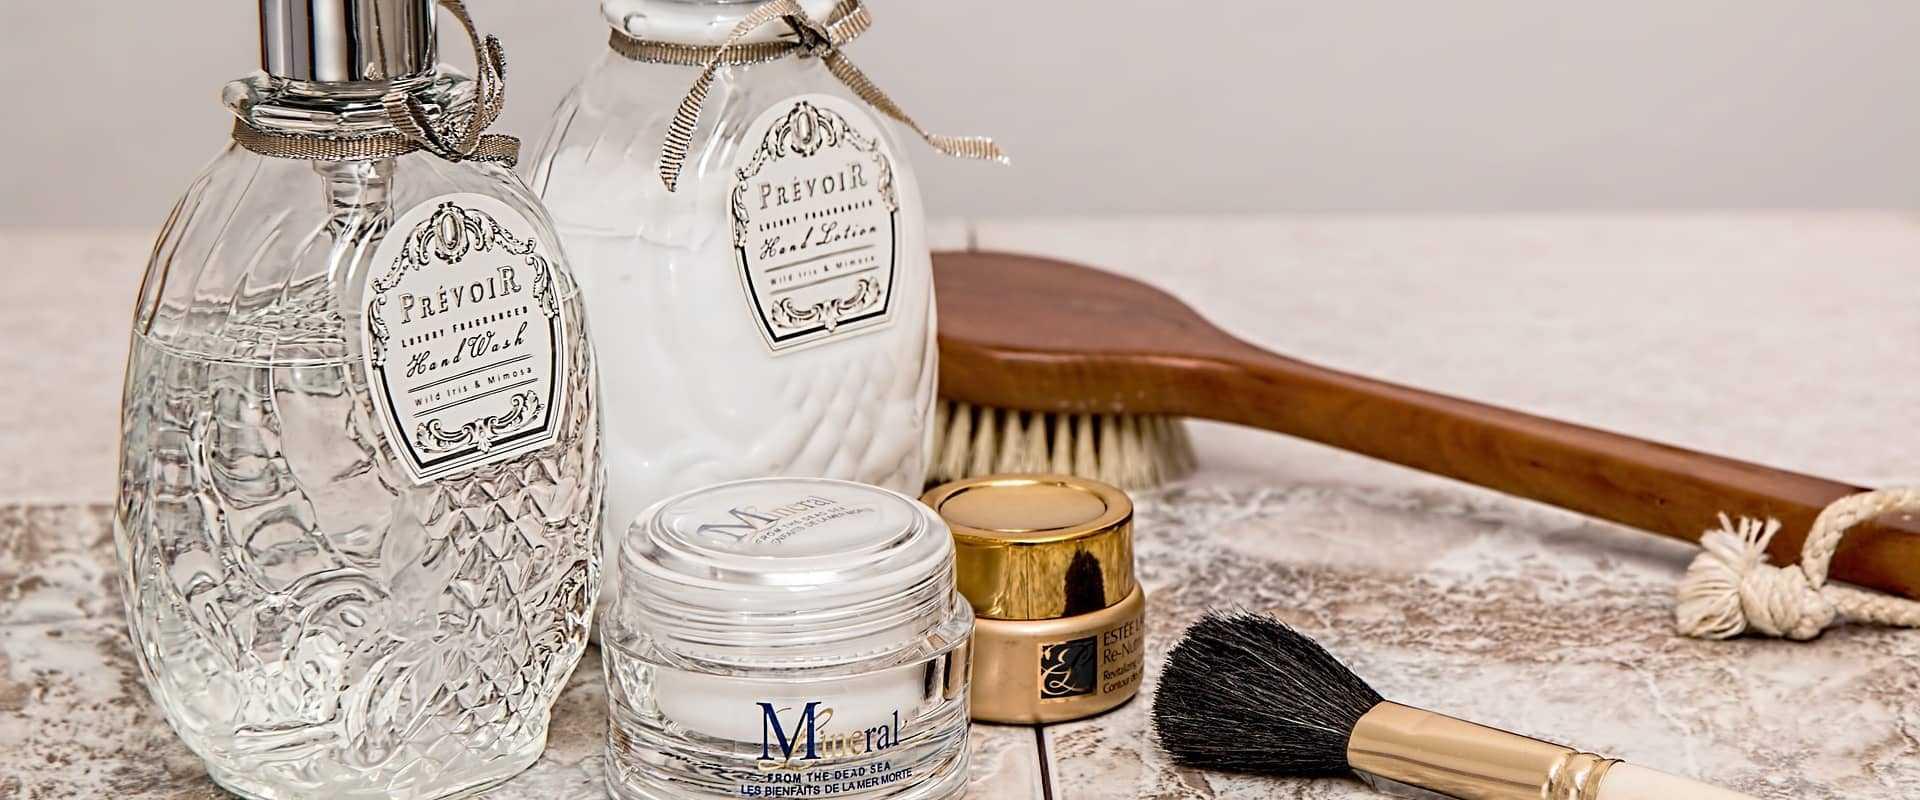 Inventur für Beauty und Parfümerie Einzelhandel